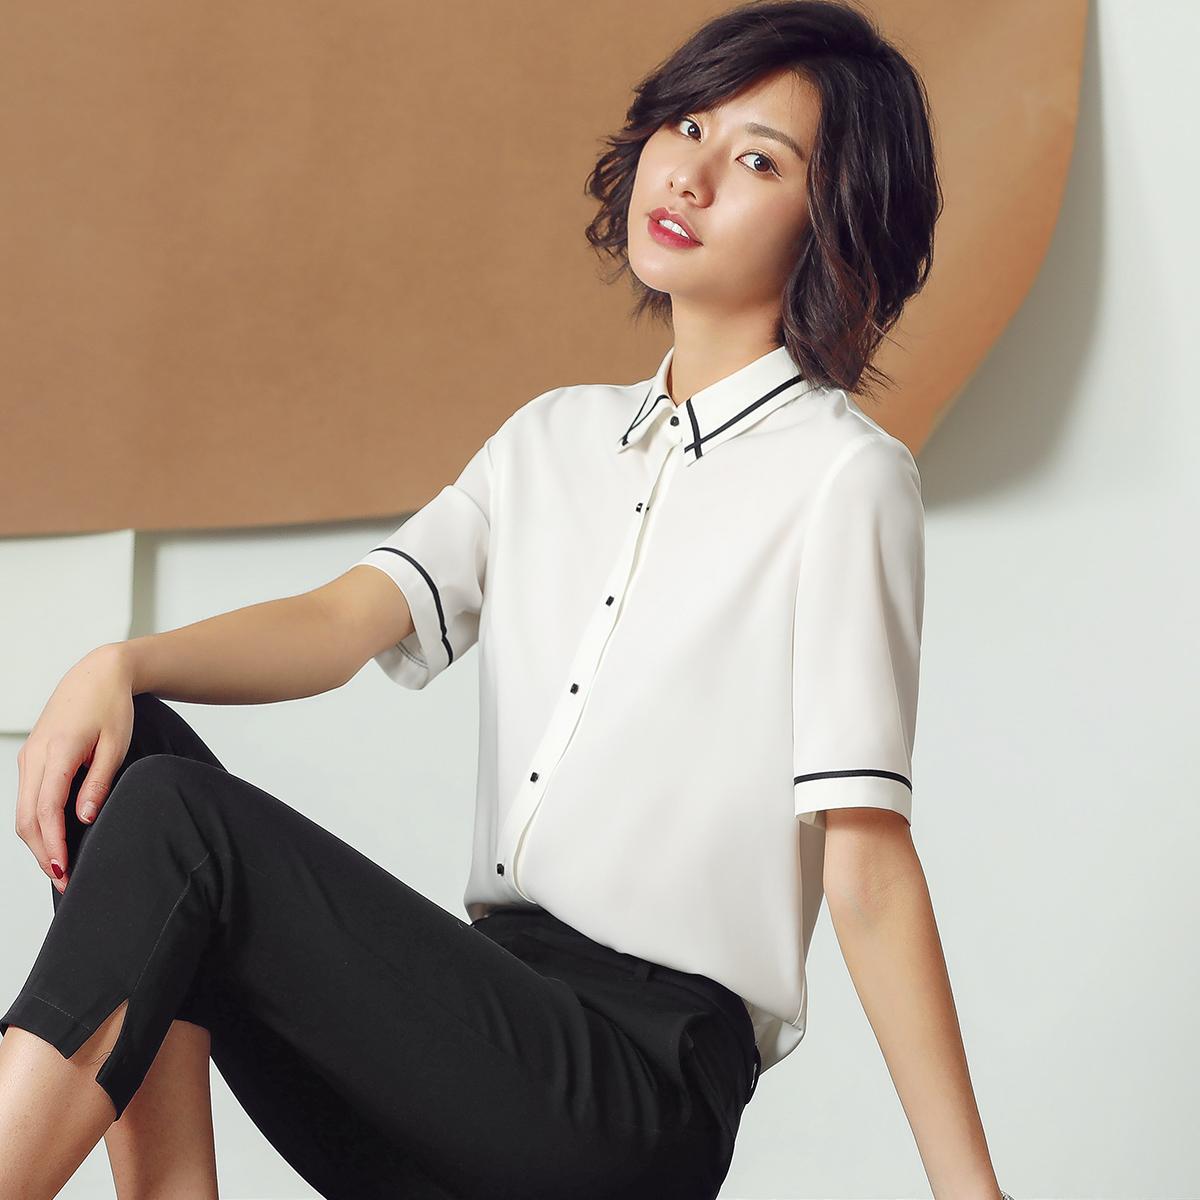 衬衫女短袖2018夏季新款短袖雪纺衬衣白色职业工作服大码方领工装